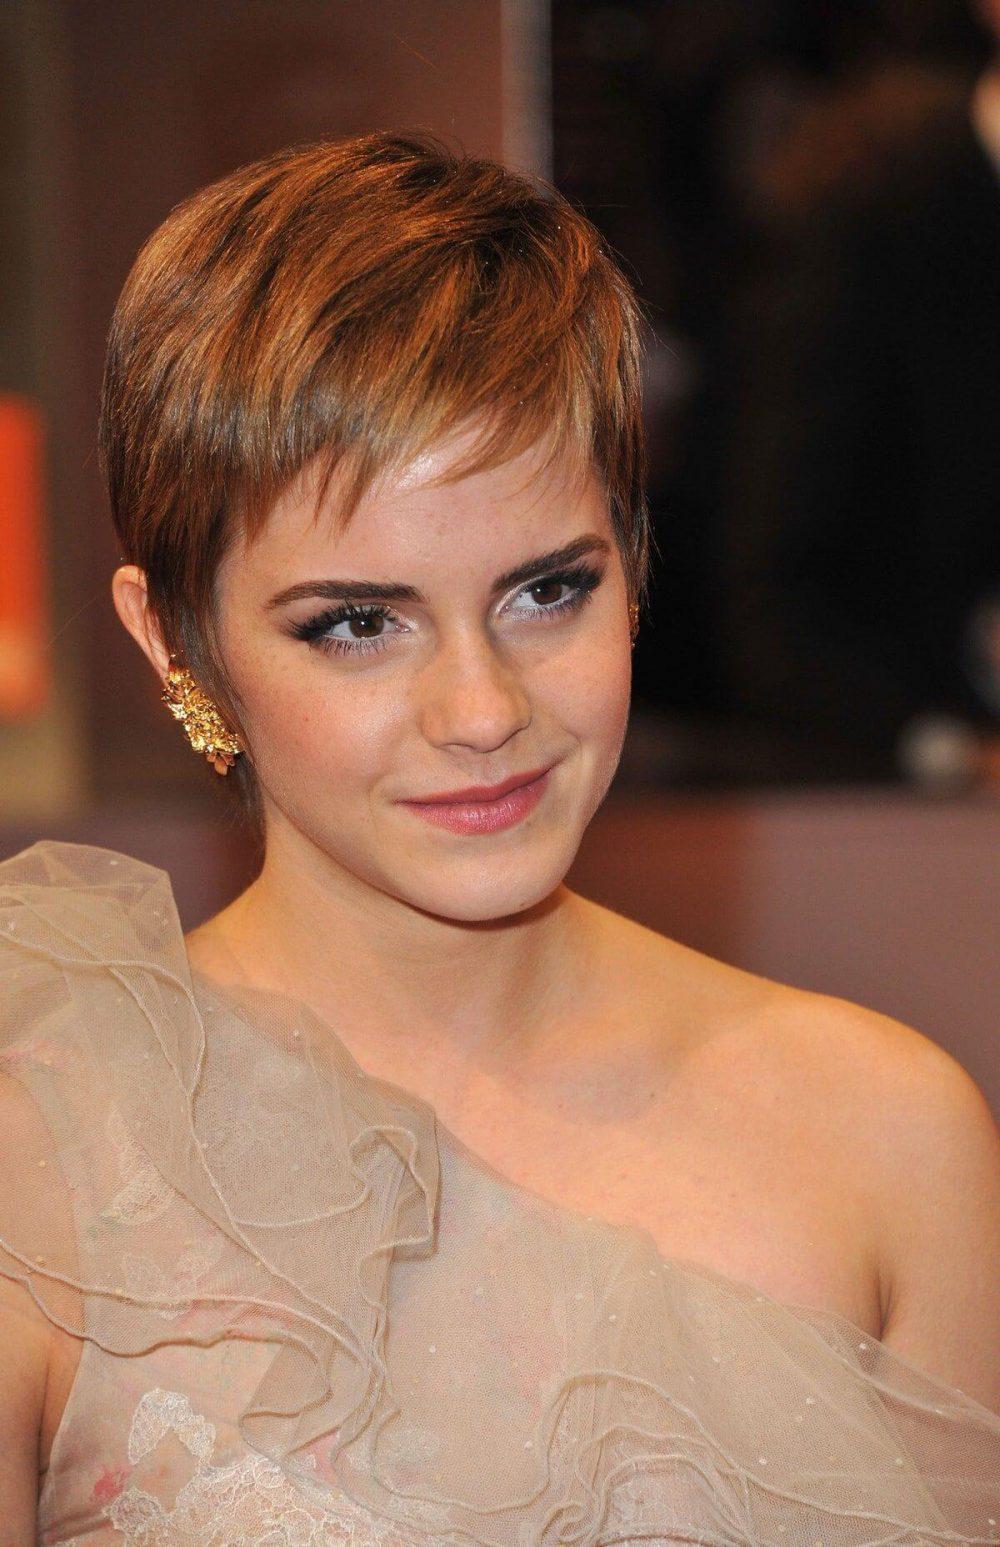 Emma watson cắt tóc pixie